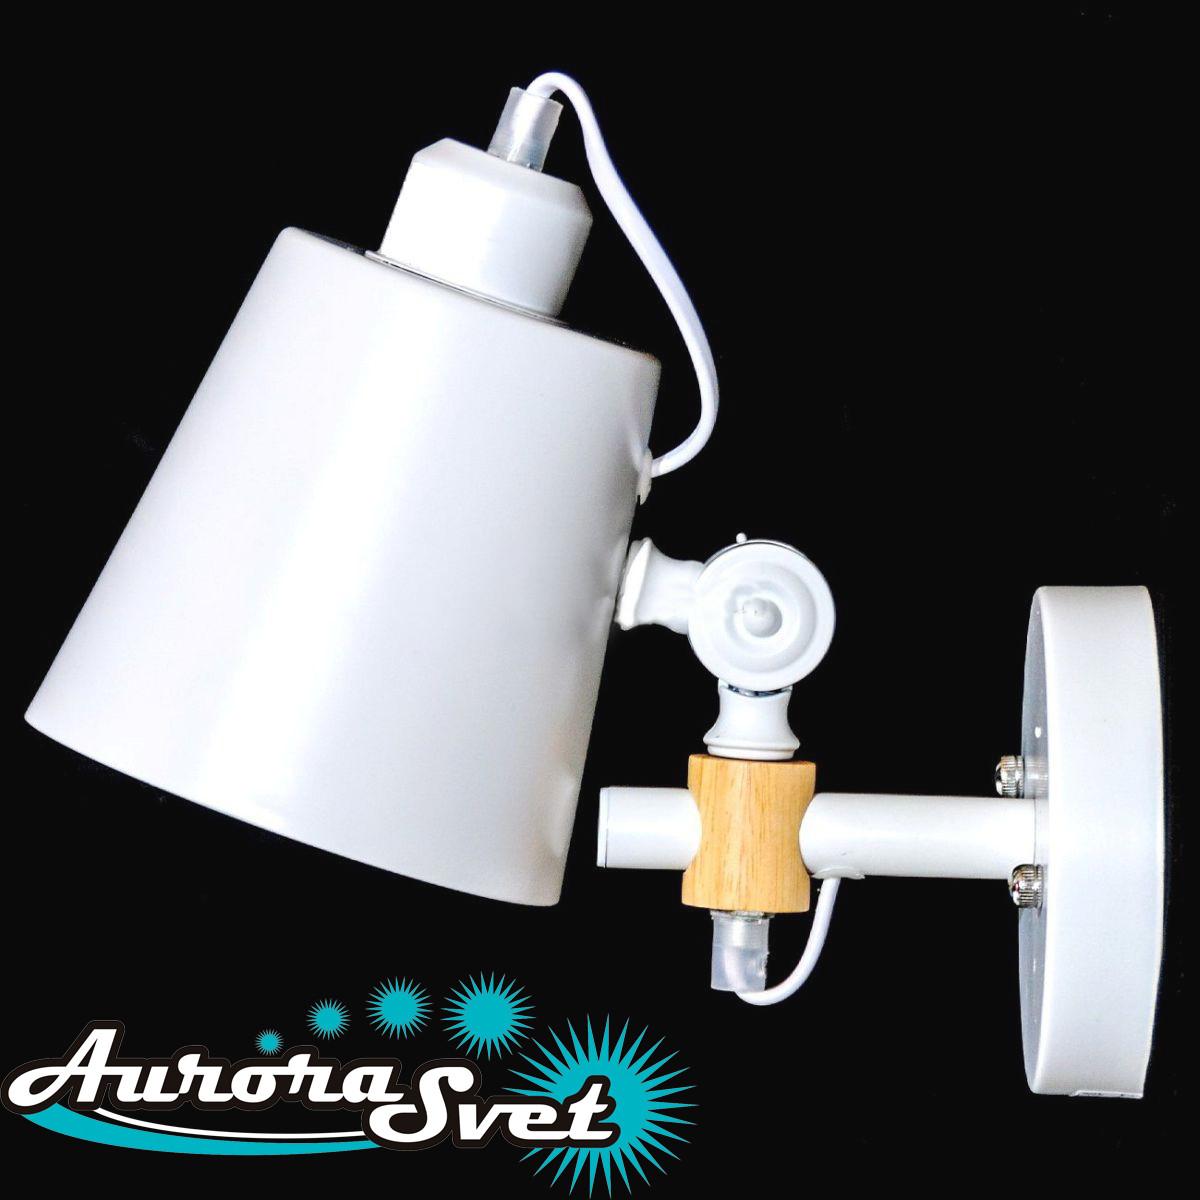 Бра настенная AuroraSvet 6100 белая. LED светильник бра. Светодиодный светильник бра.